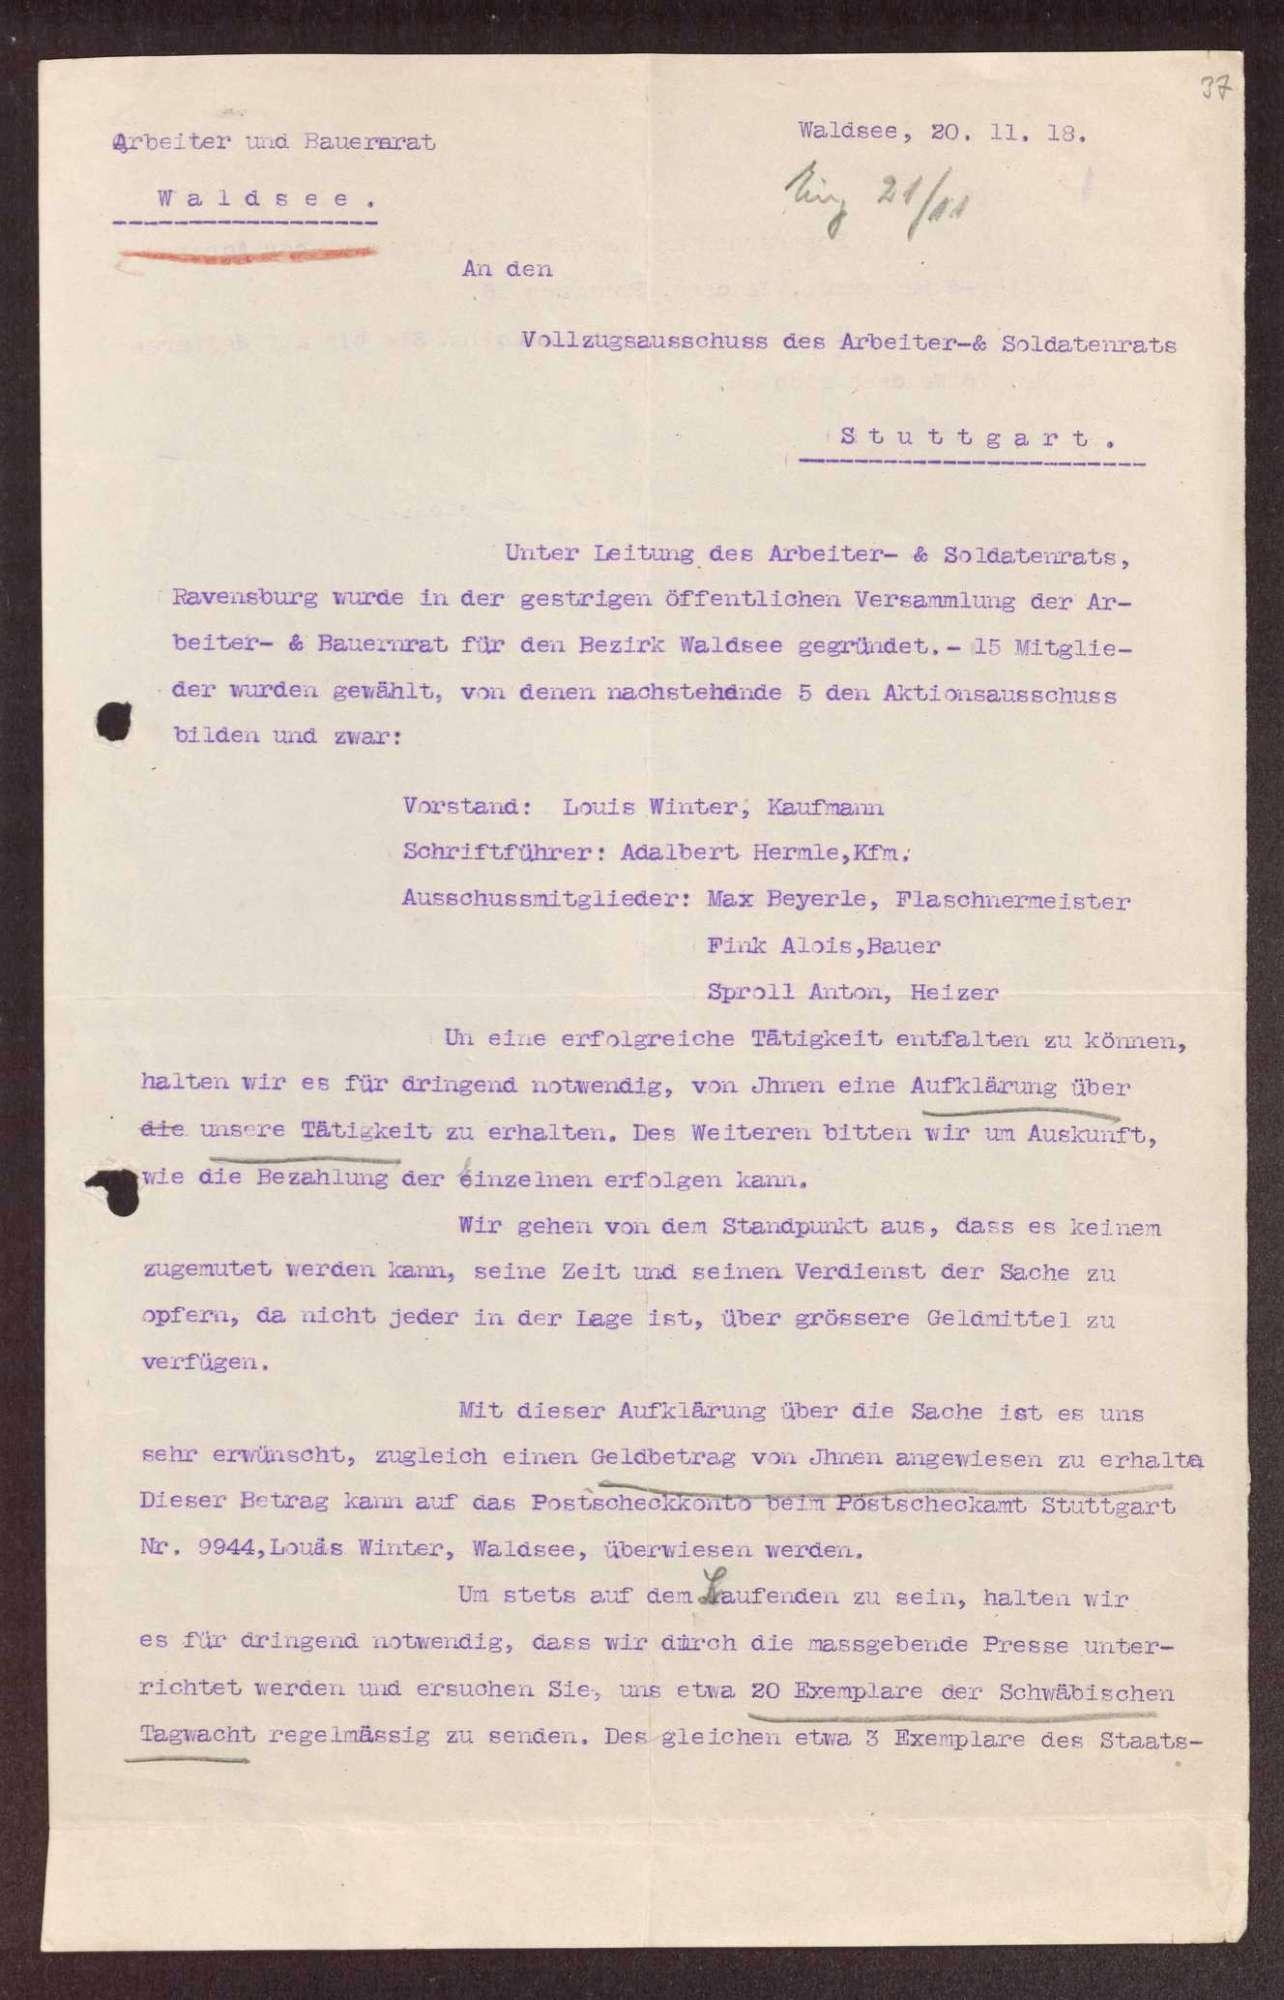 Wahl, Zusammensetzung und Auflösung der Arbeiter- und Bauernräte im Oberamt Waldsee, Bild 2